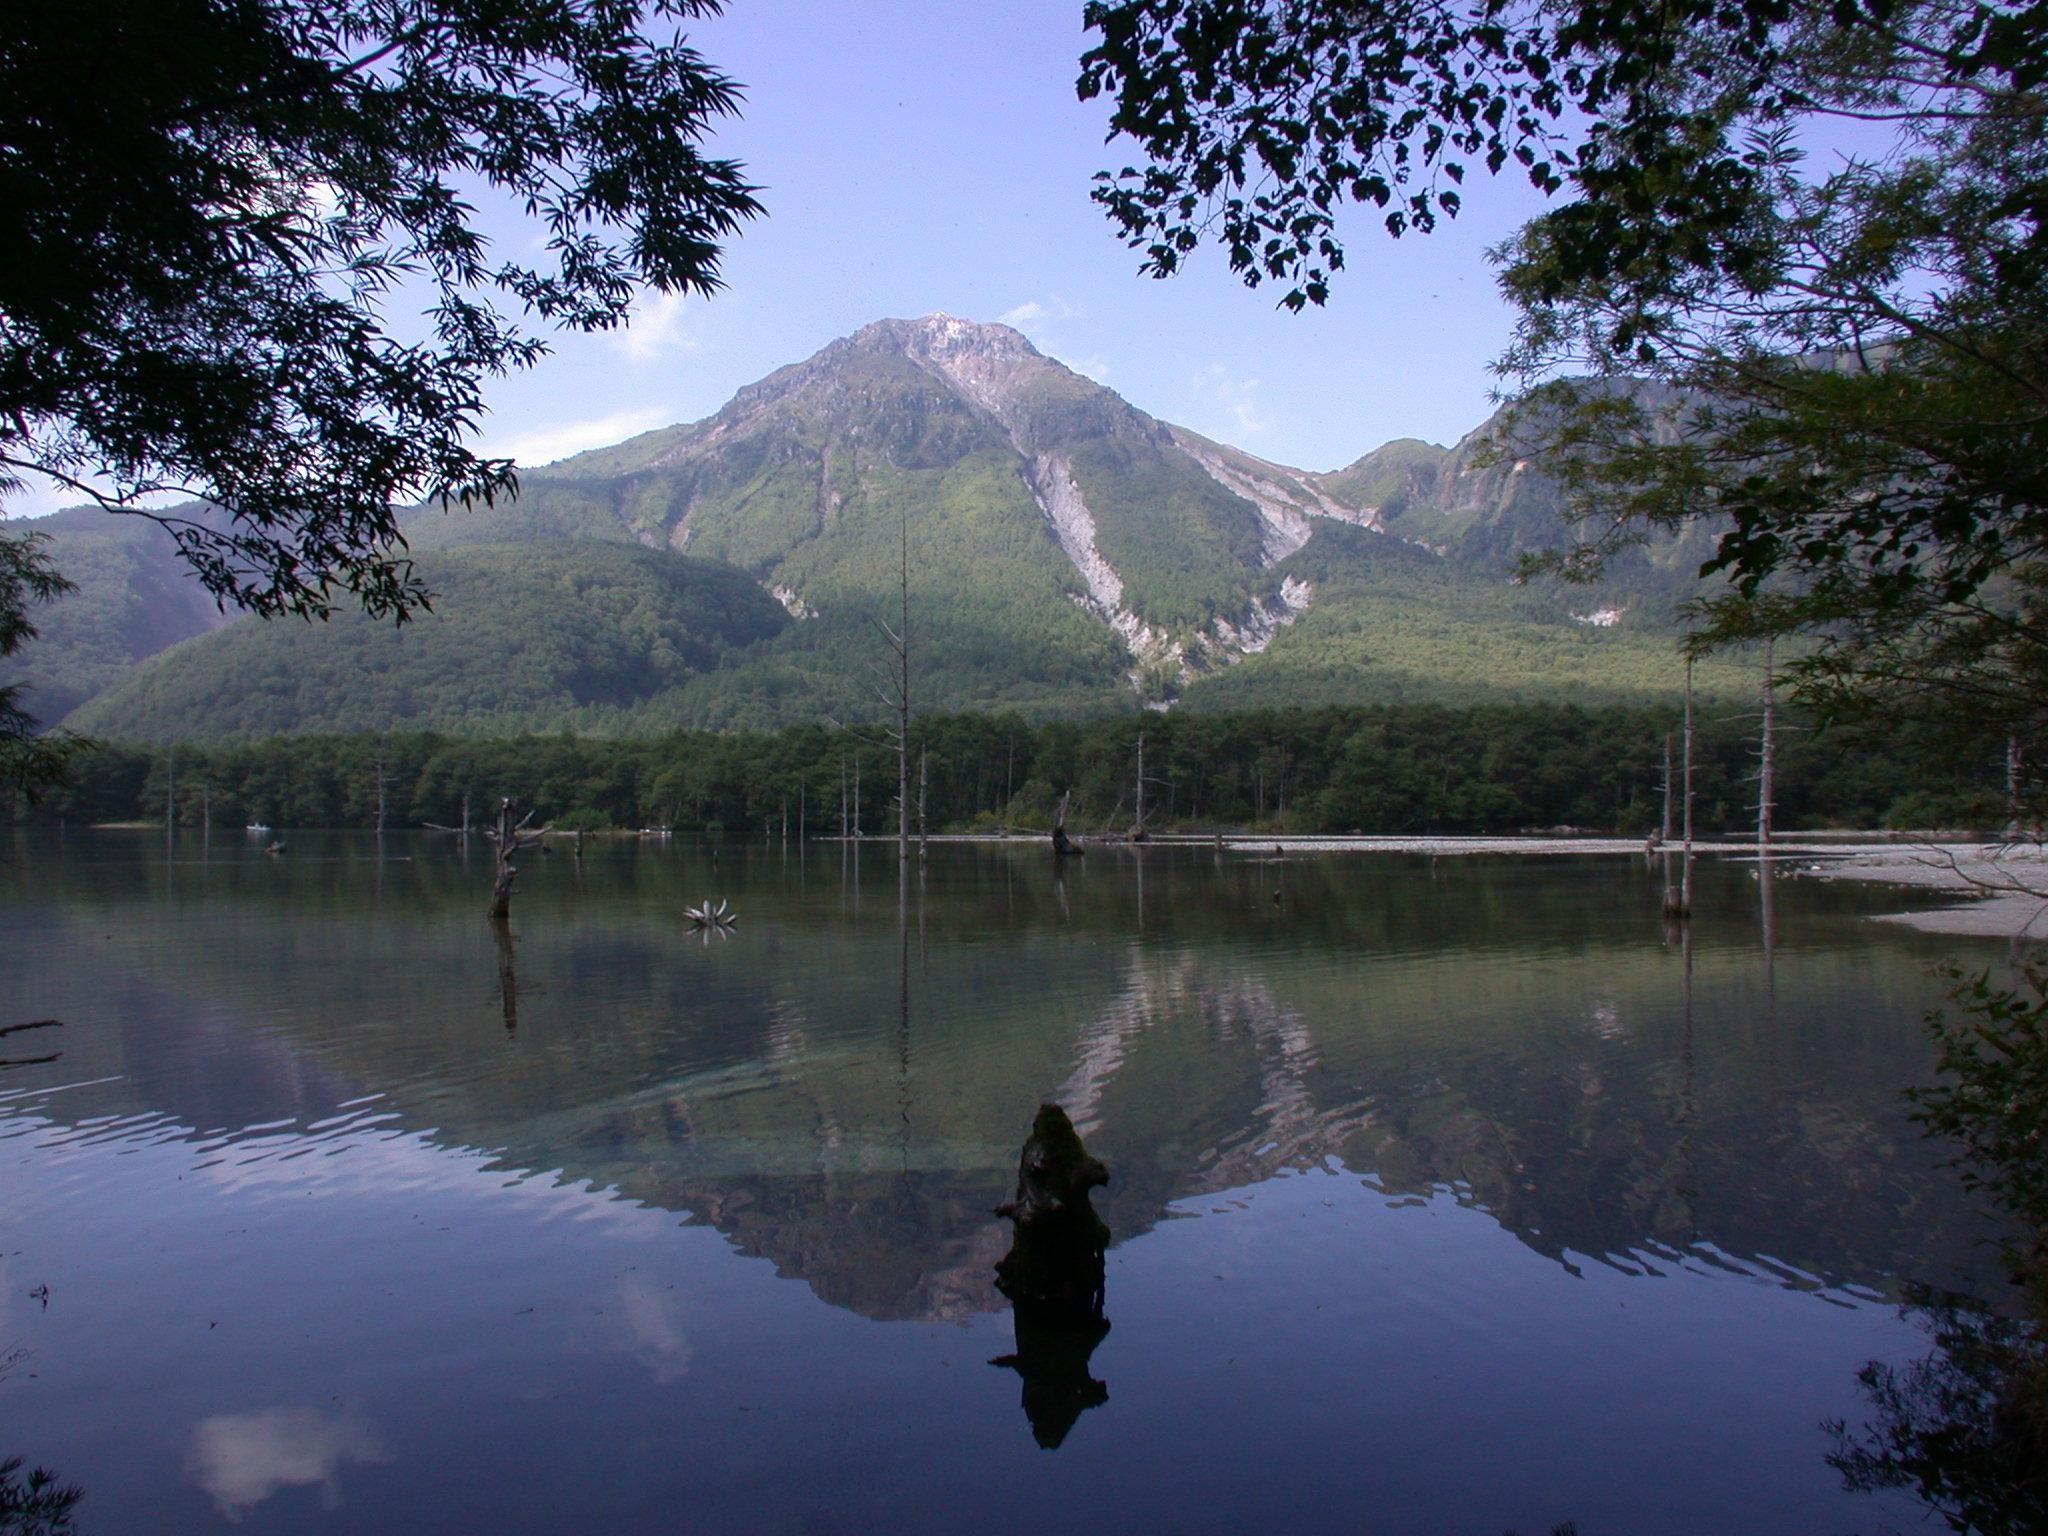 8月11日が祝日「山の日」に!最近30年の祝日事情を調べてみた